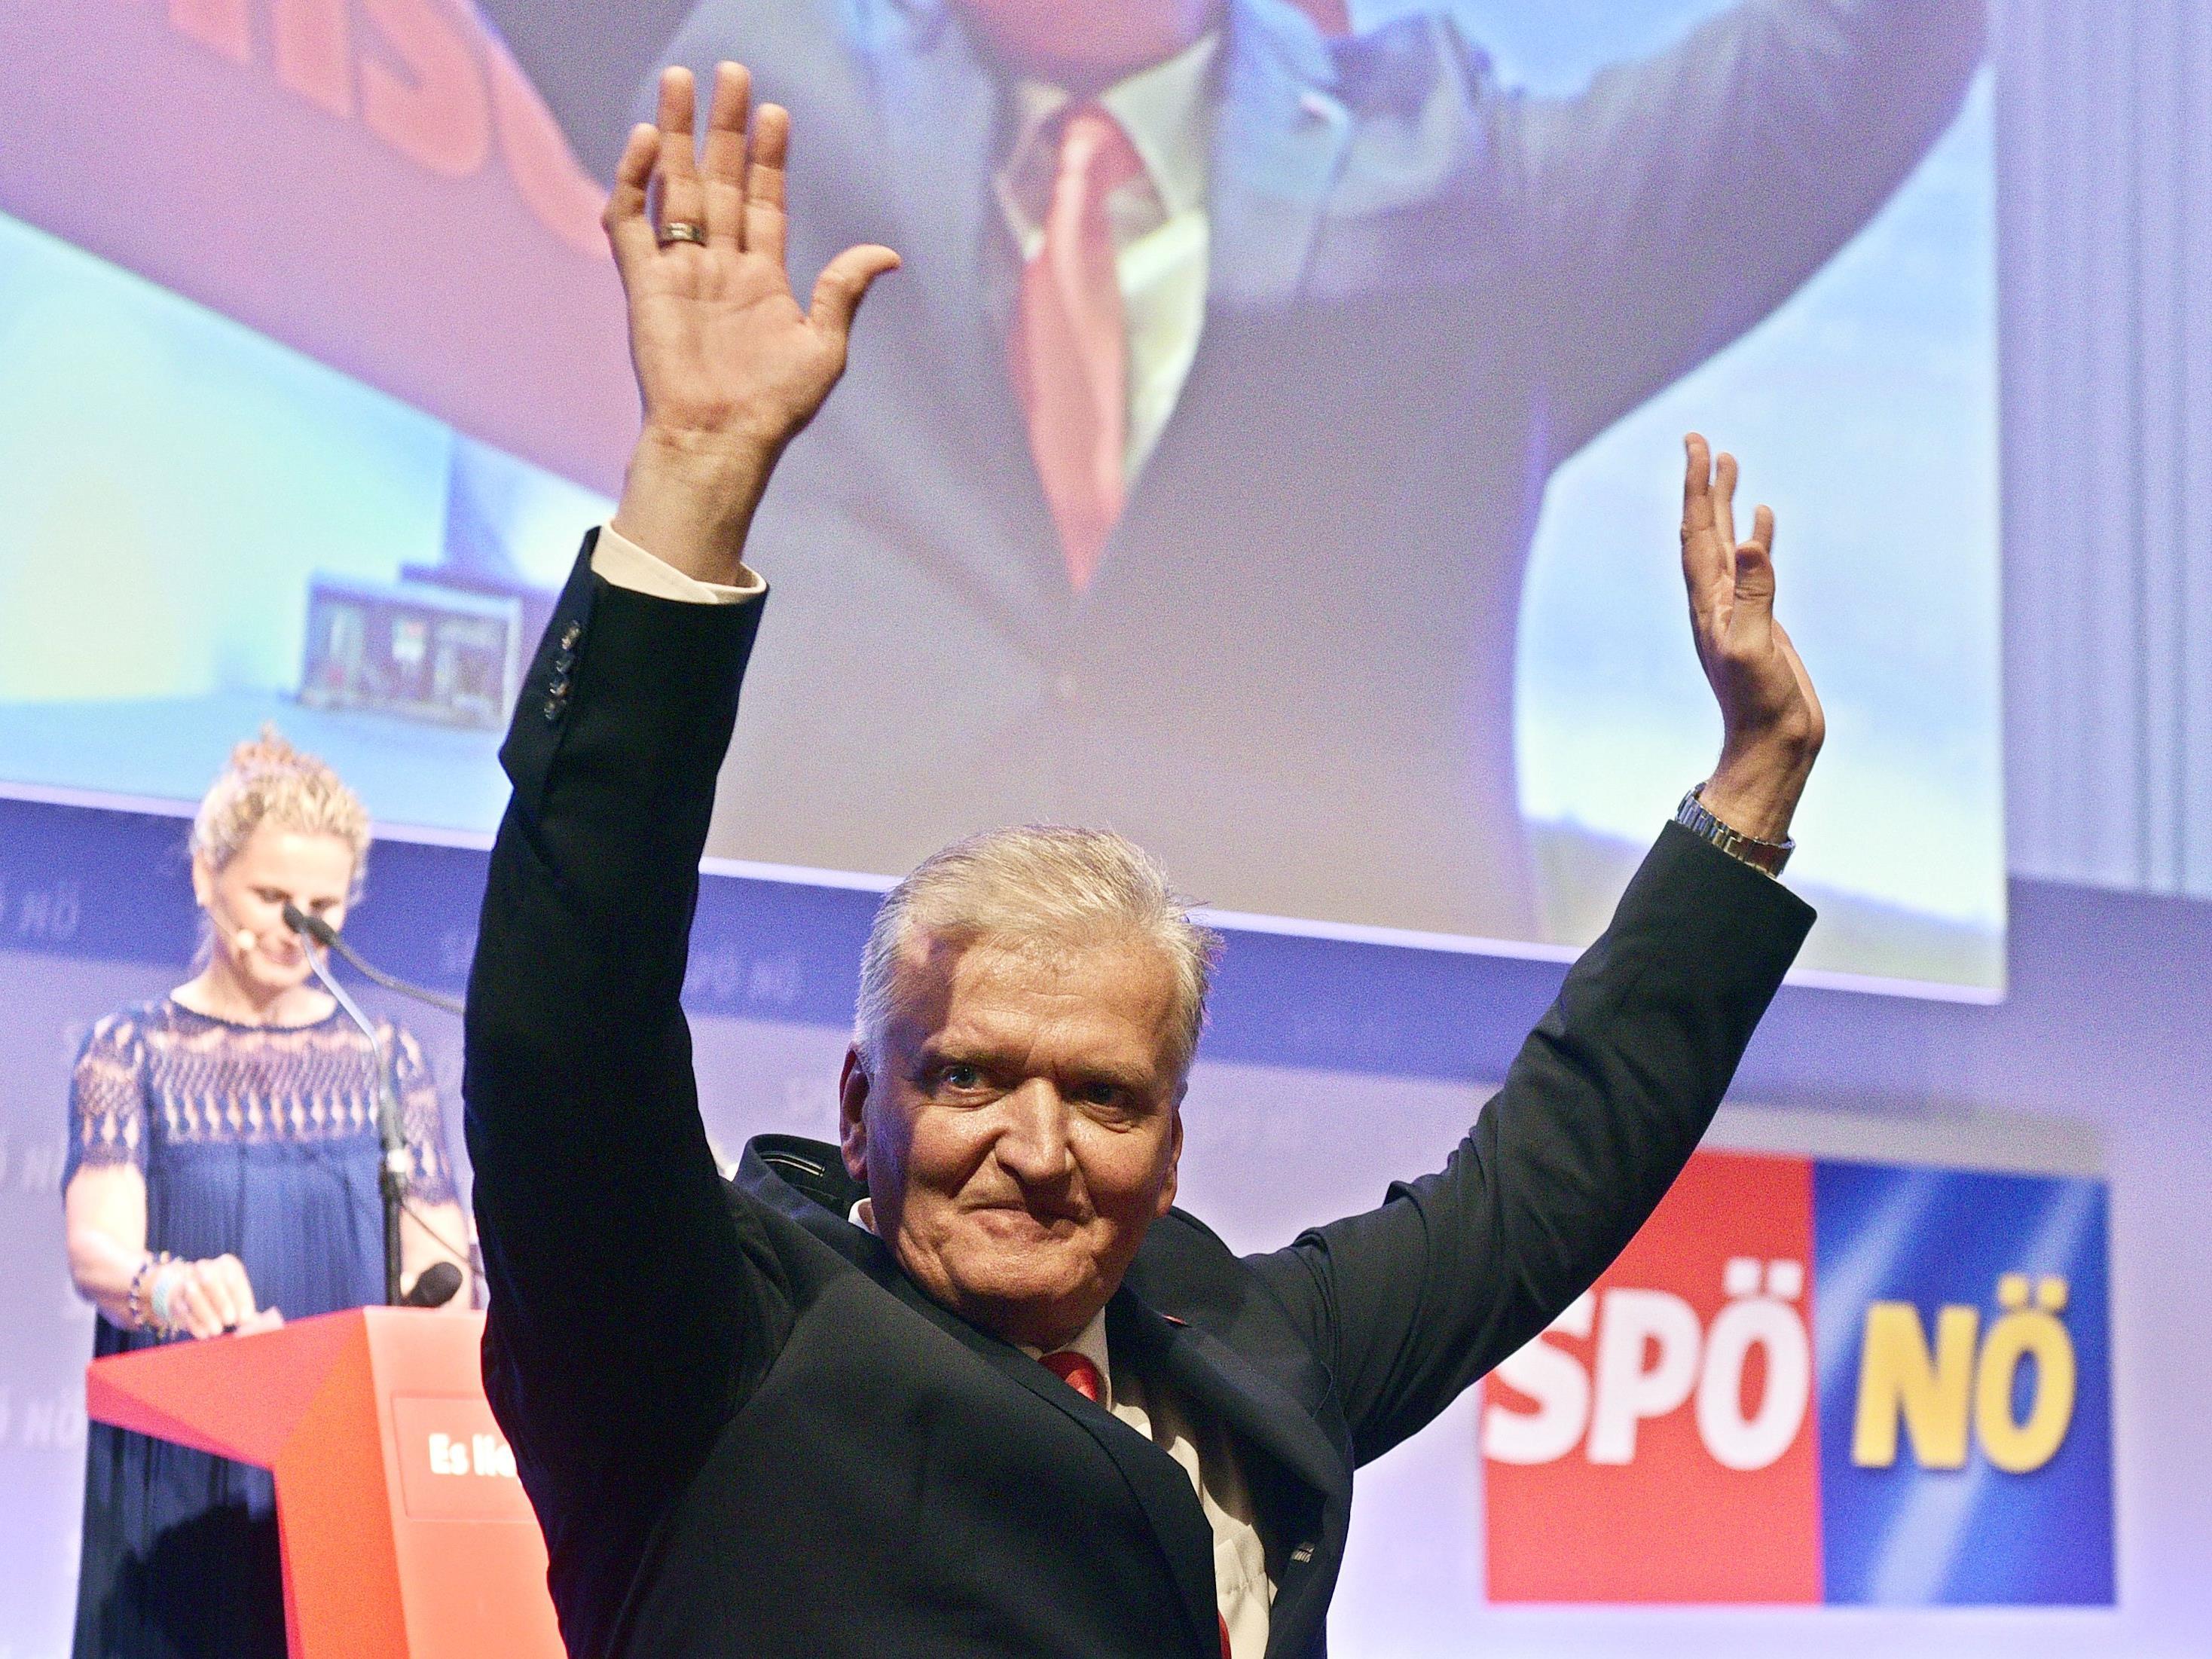 Franz Schnabl wurde mit überzeugender Mehrheit zum Landesparteivorsitzenden der SPÖ NÖ gewählt.